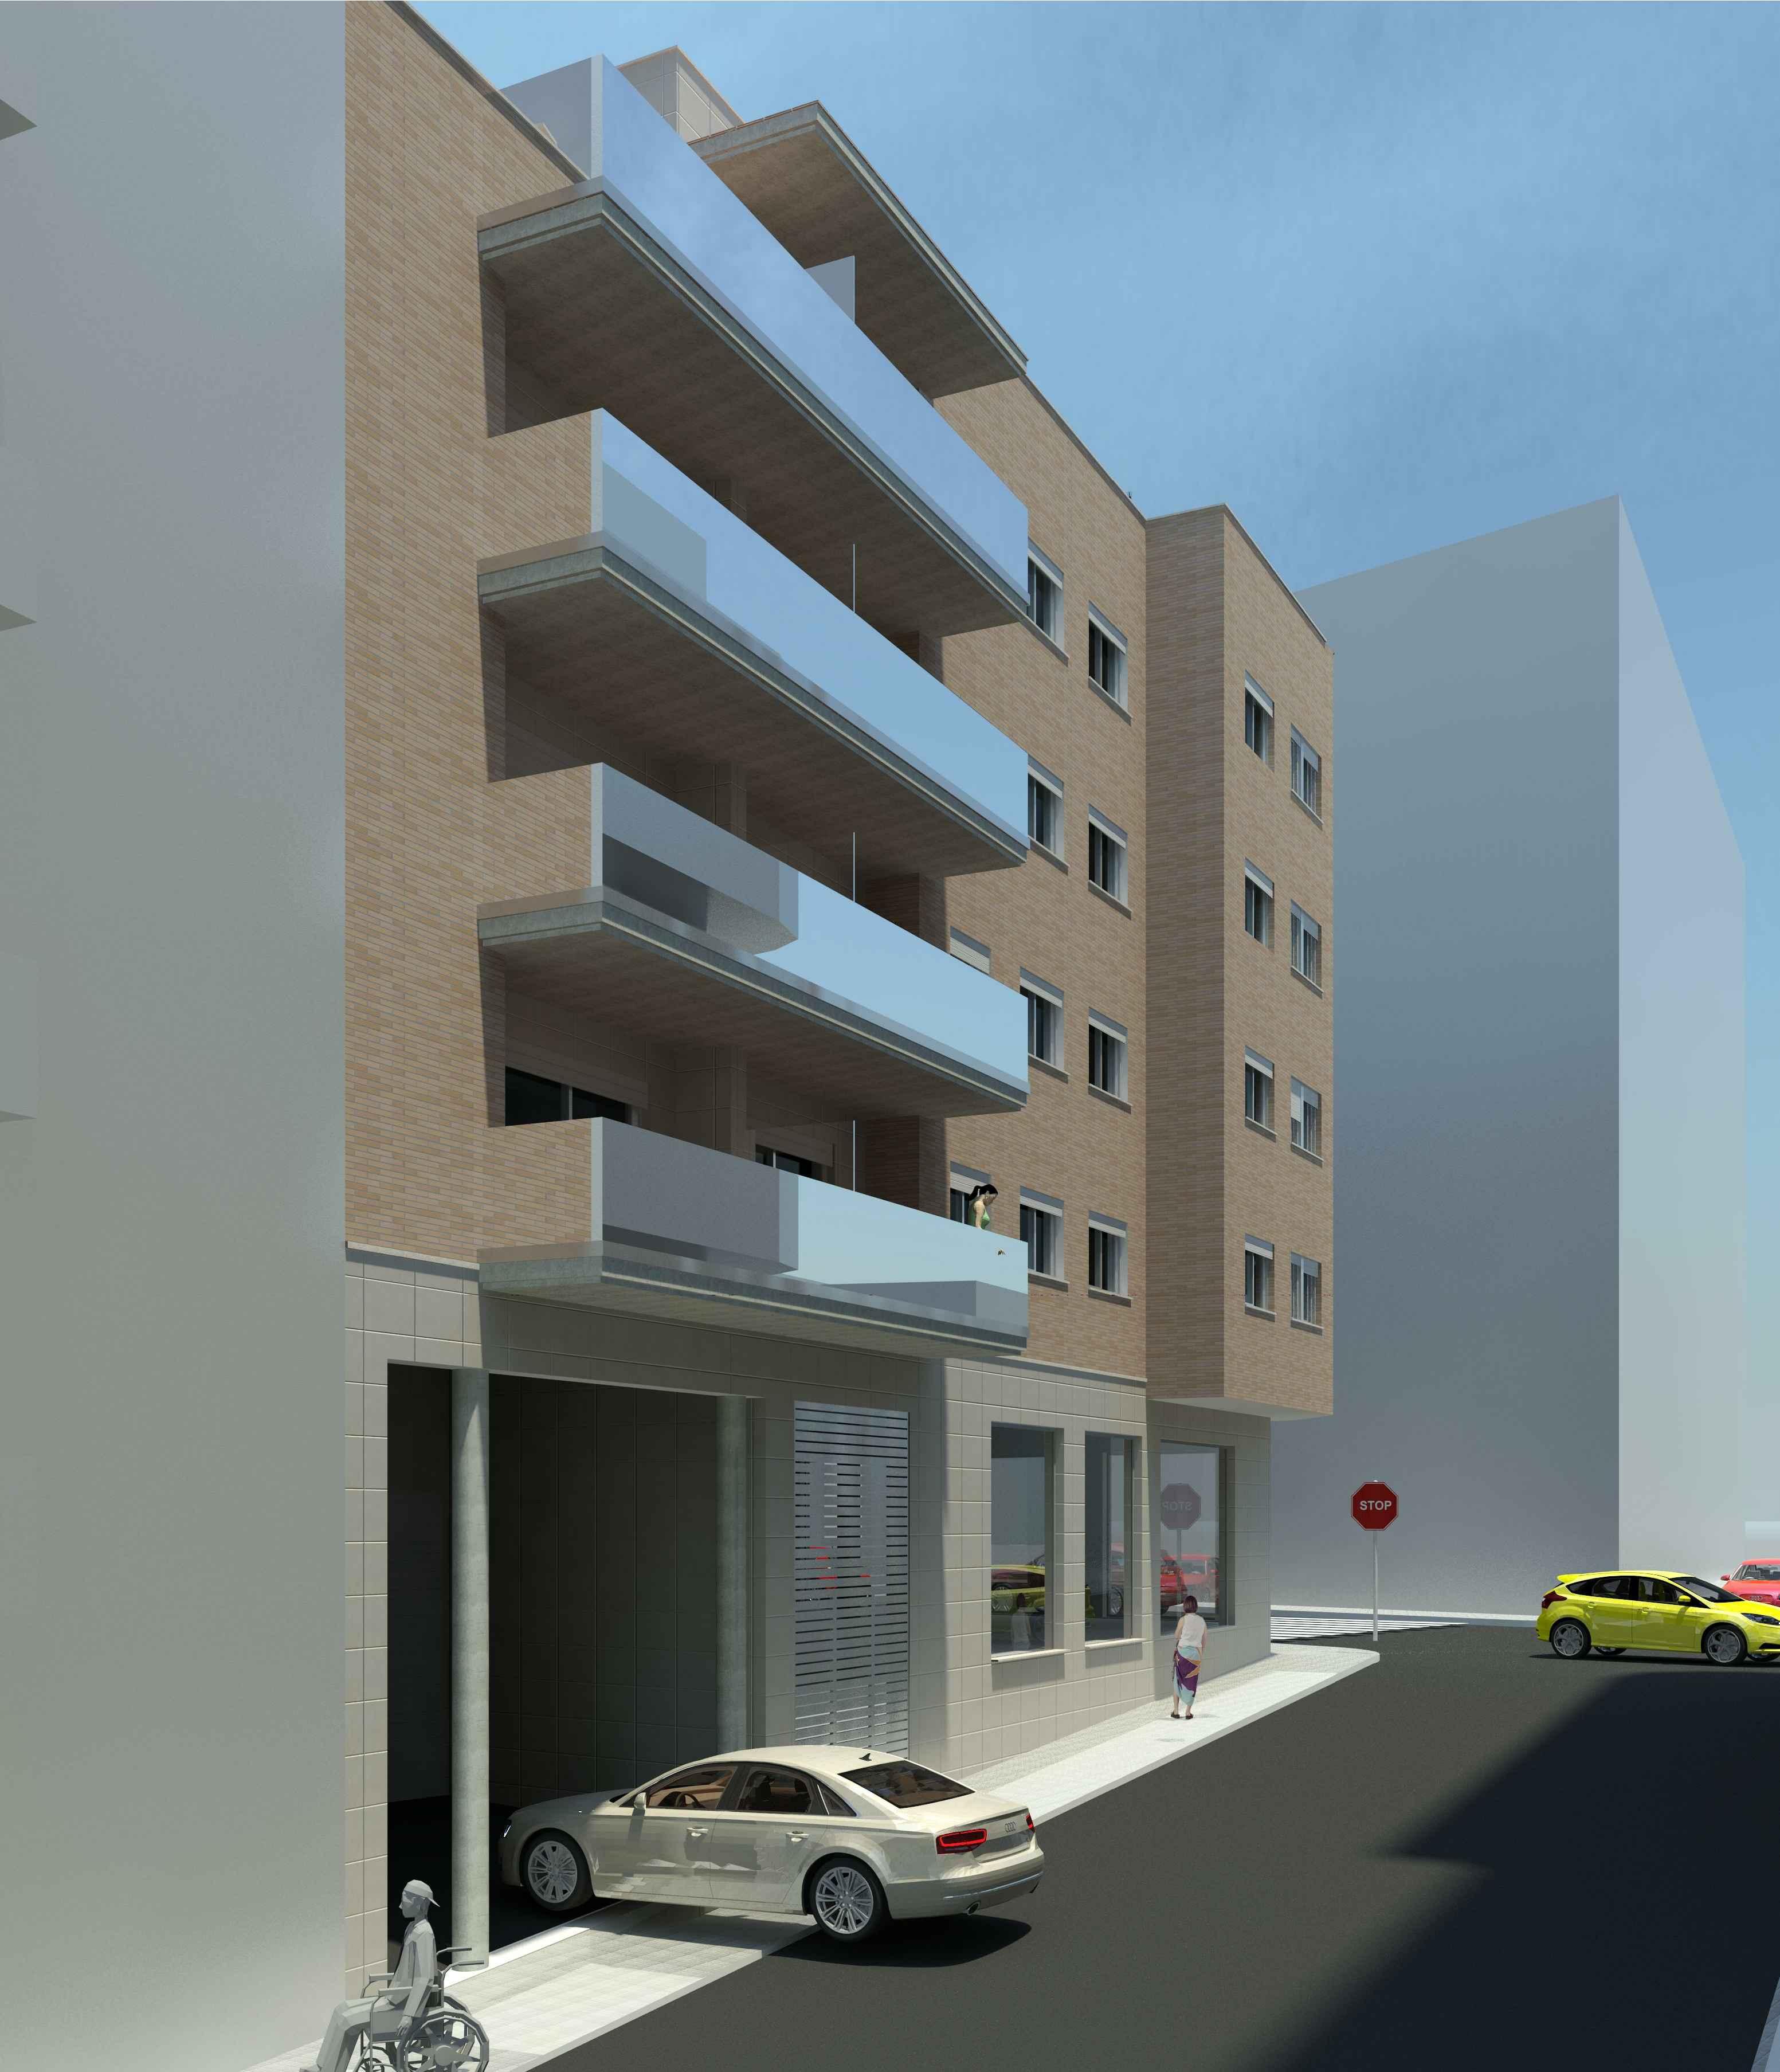 Fassade mit Balkonen Überbauung Torredembarra